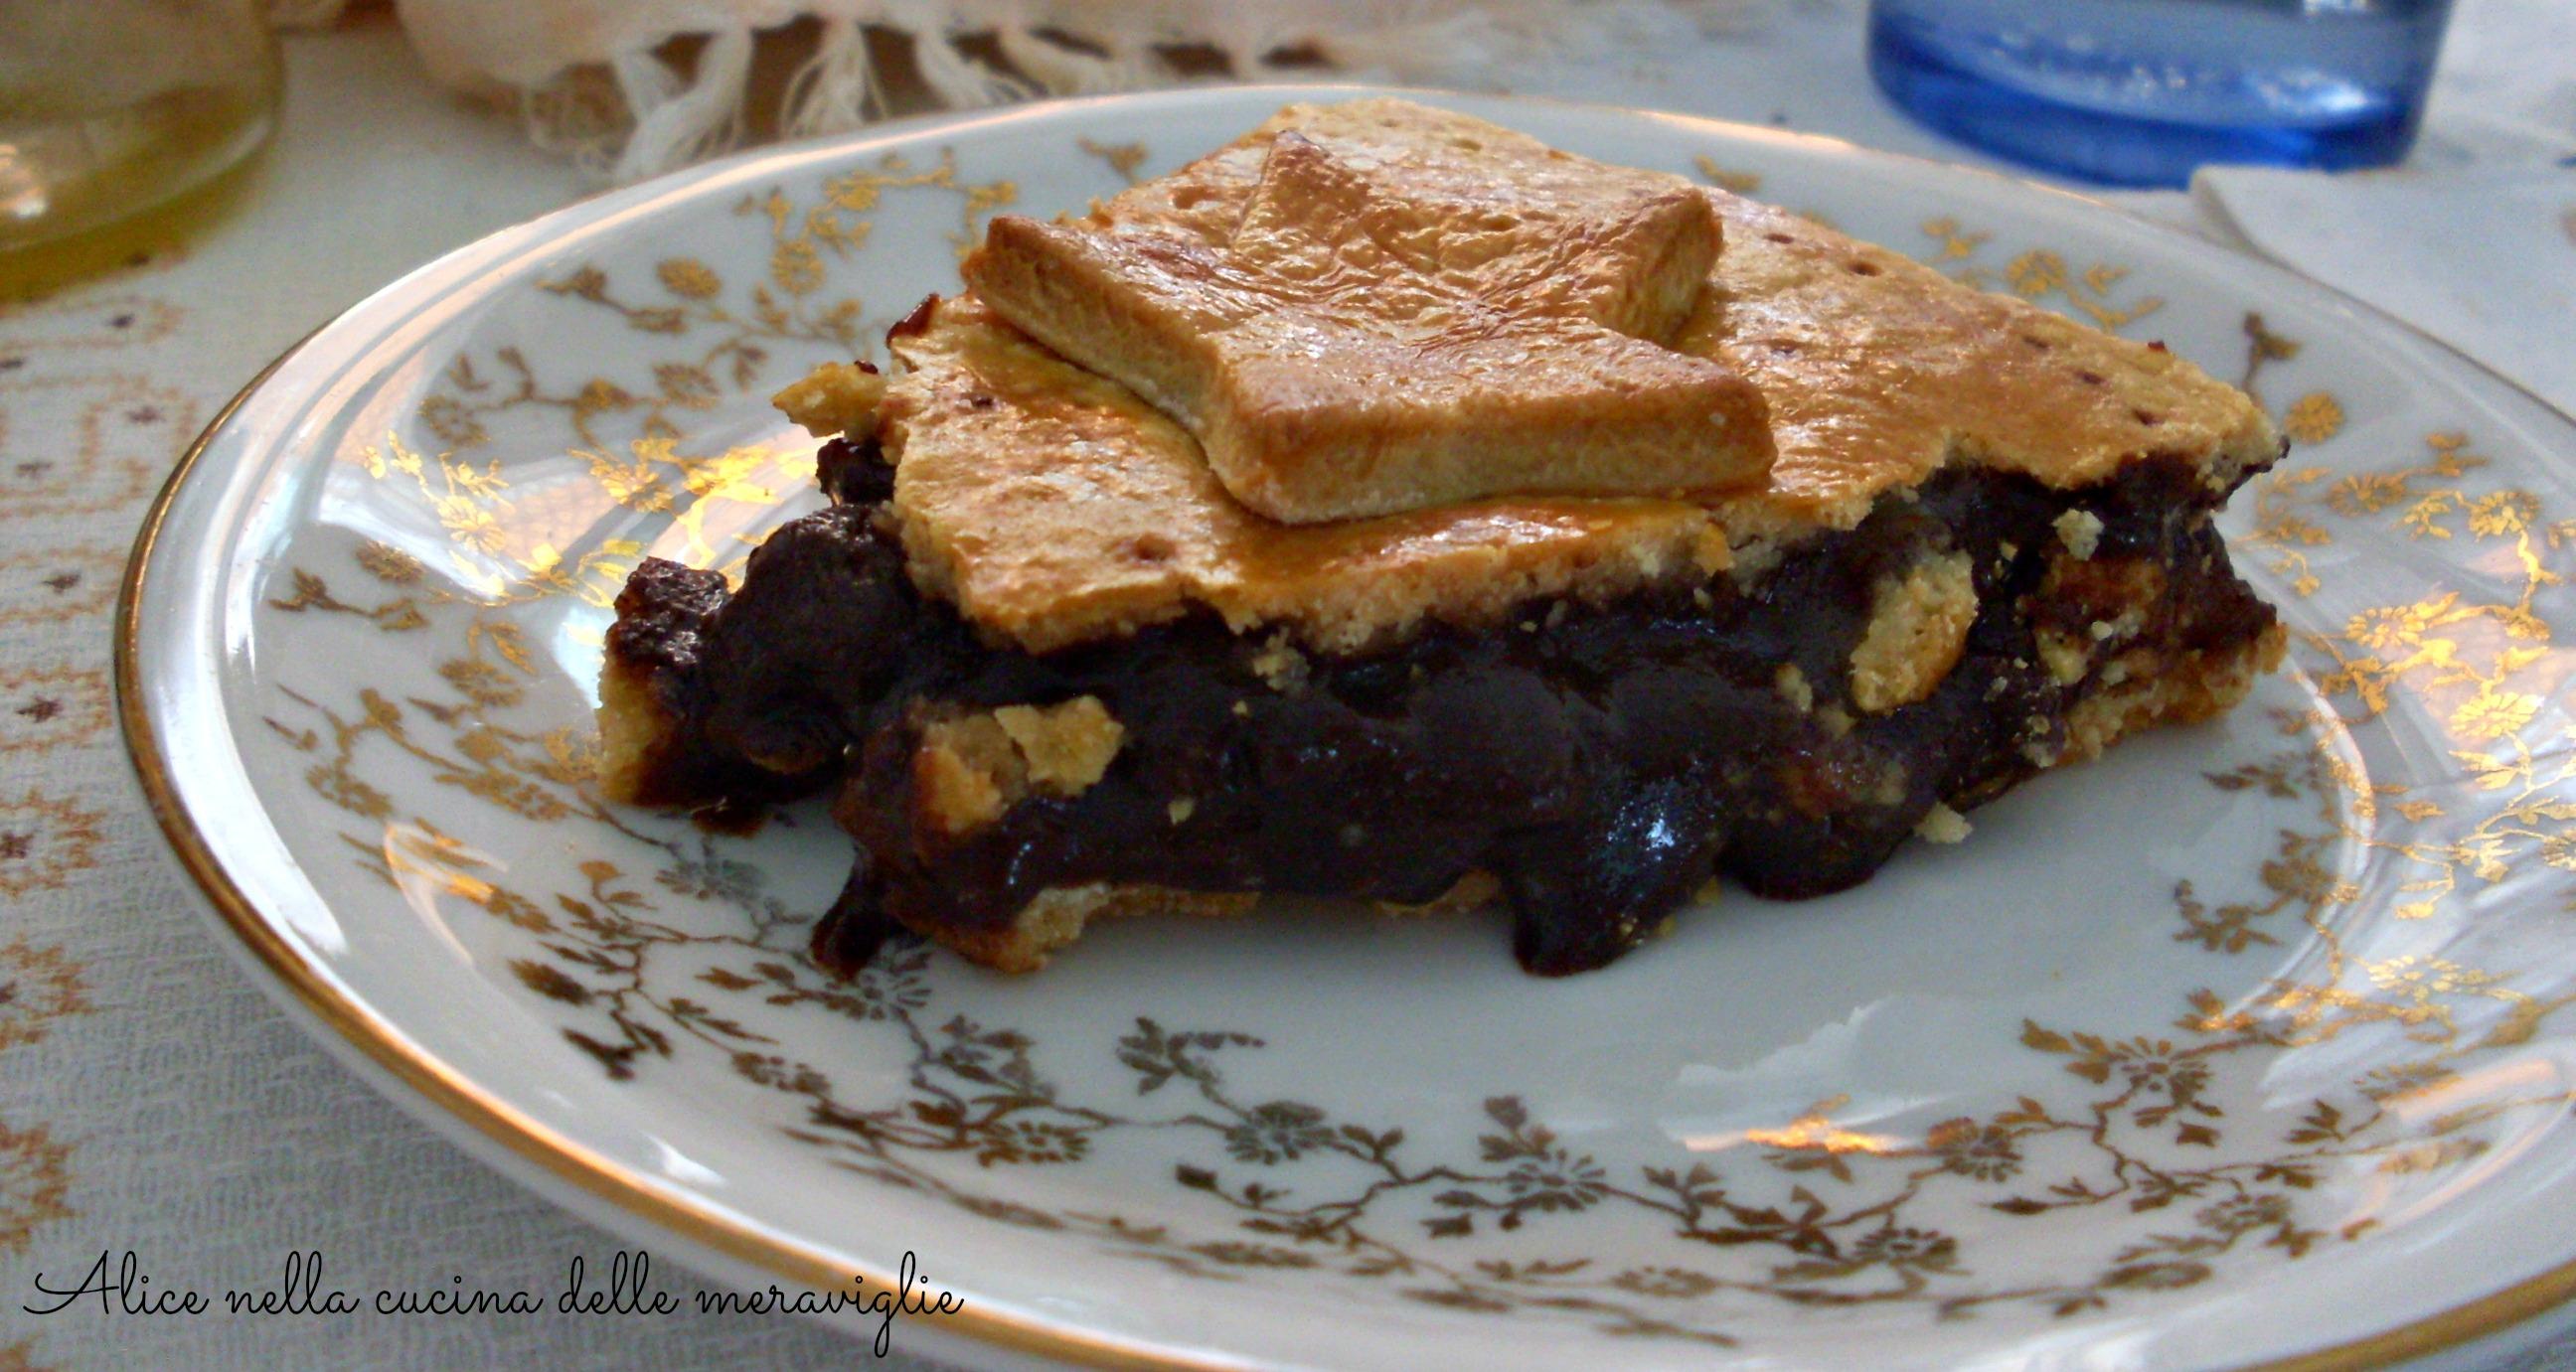 Pie di pere amaretti e cacao Ricetta dolce Alice nella cucina delle meraviglie